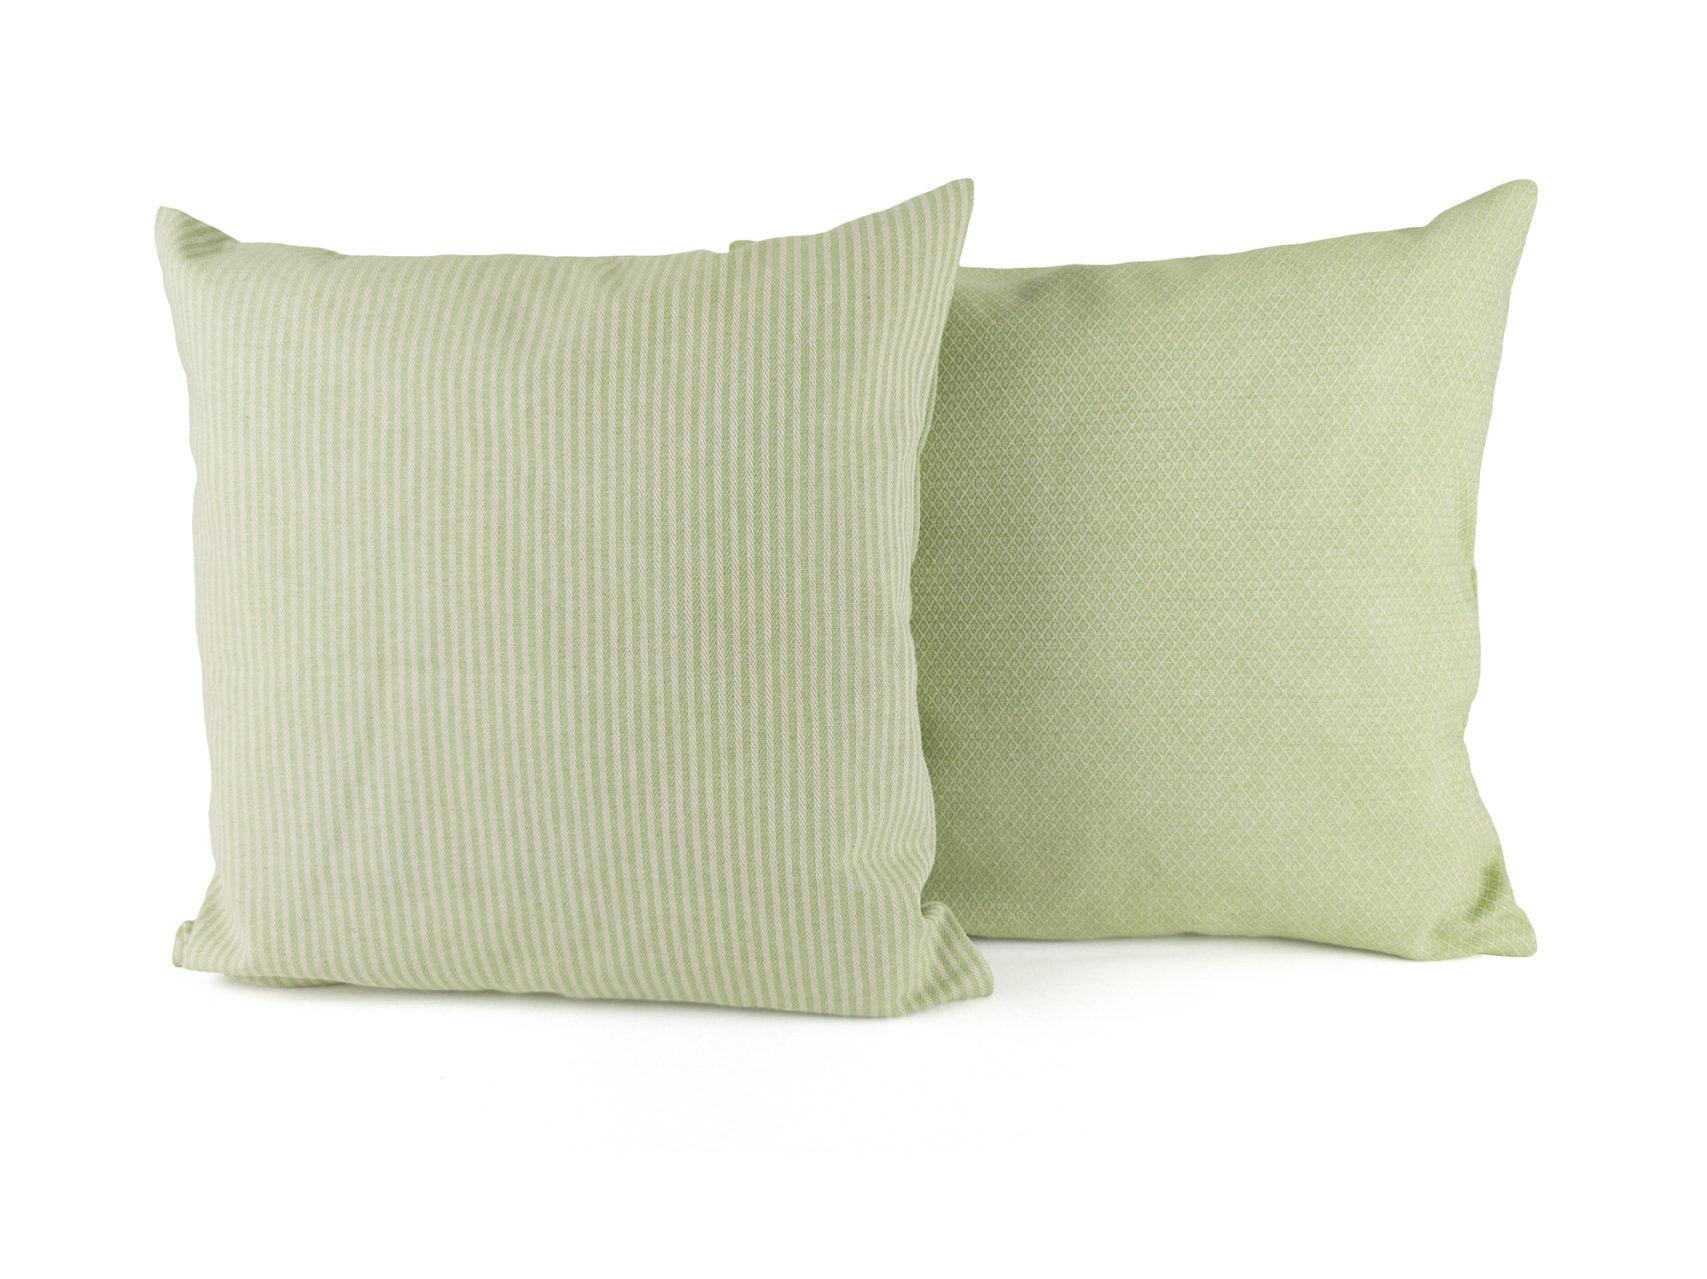 Kissen-Set-C-zwei-Kissen-Streifen-Rauten-hellgrün